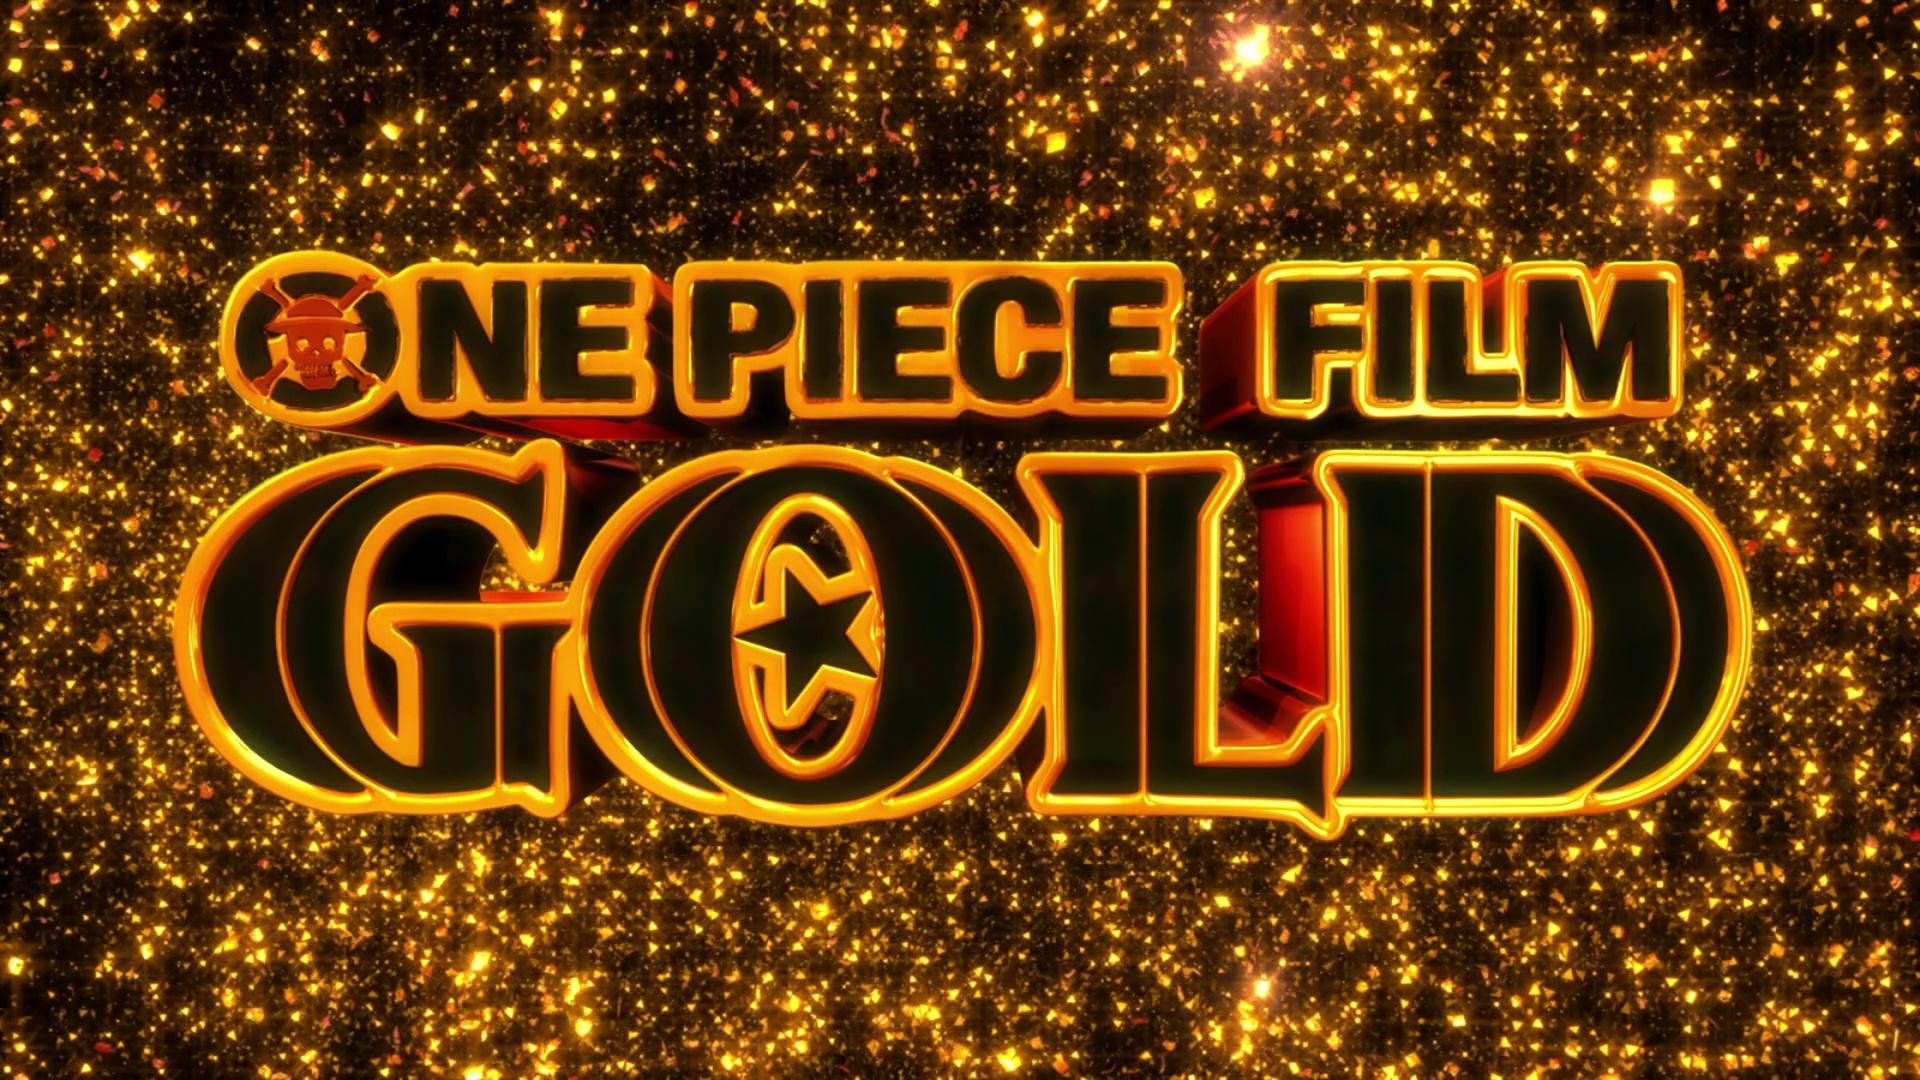 One-Piece Film 13 : Gold (Partie 3/3) News background